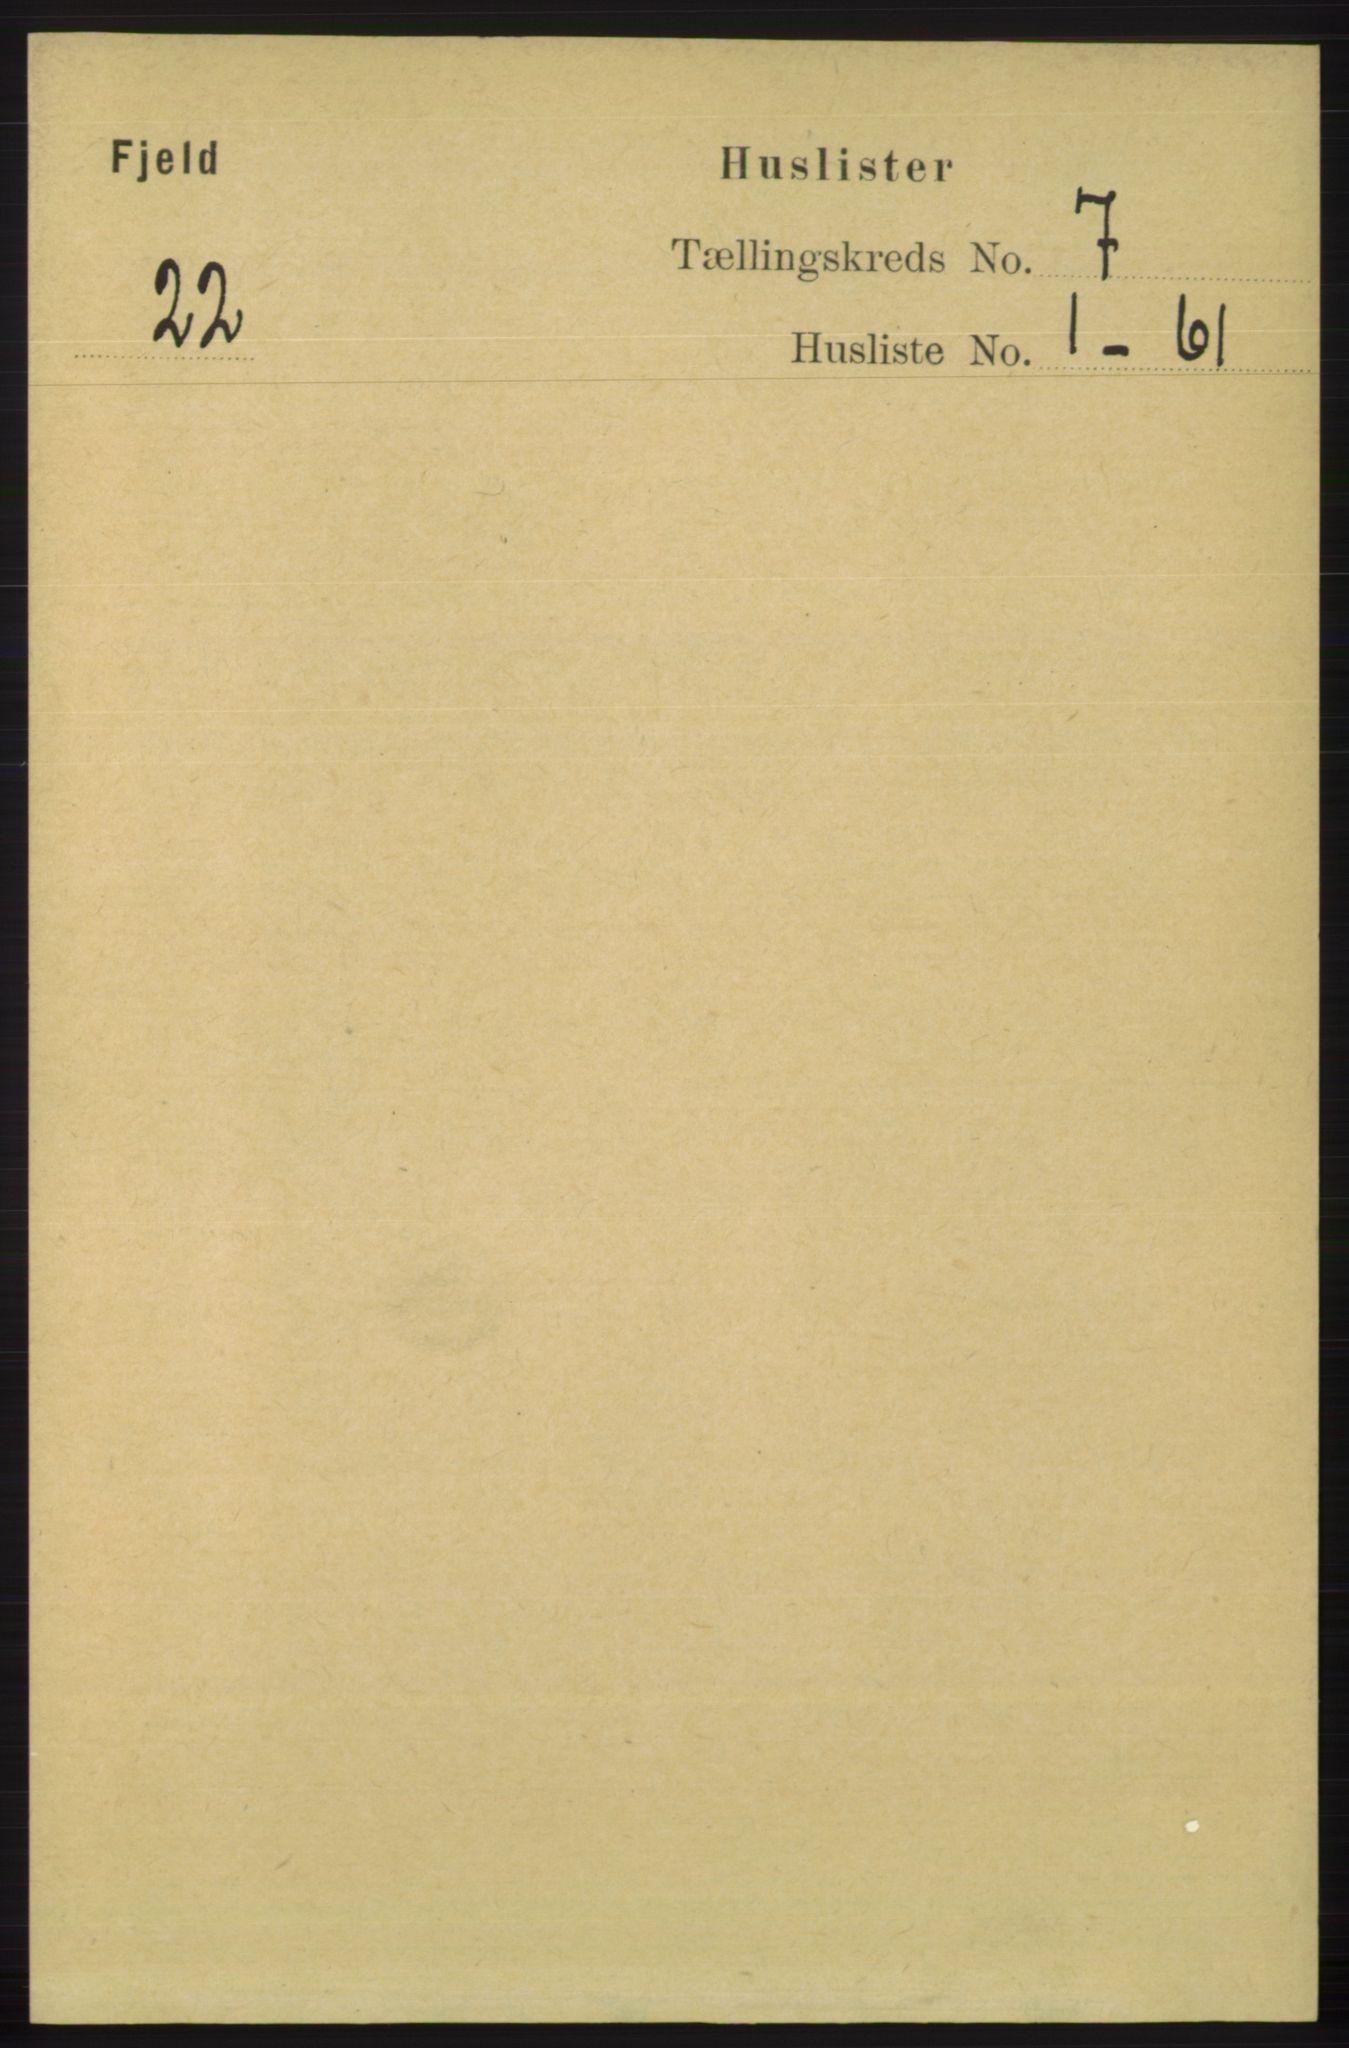 RA, Folketelling 1891 for 1246 Fjell herred, 1891, s. 3346